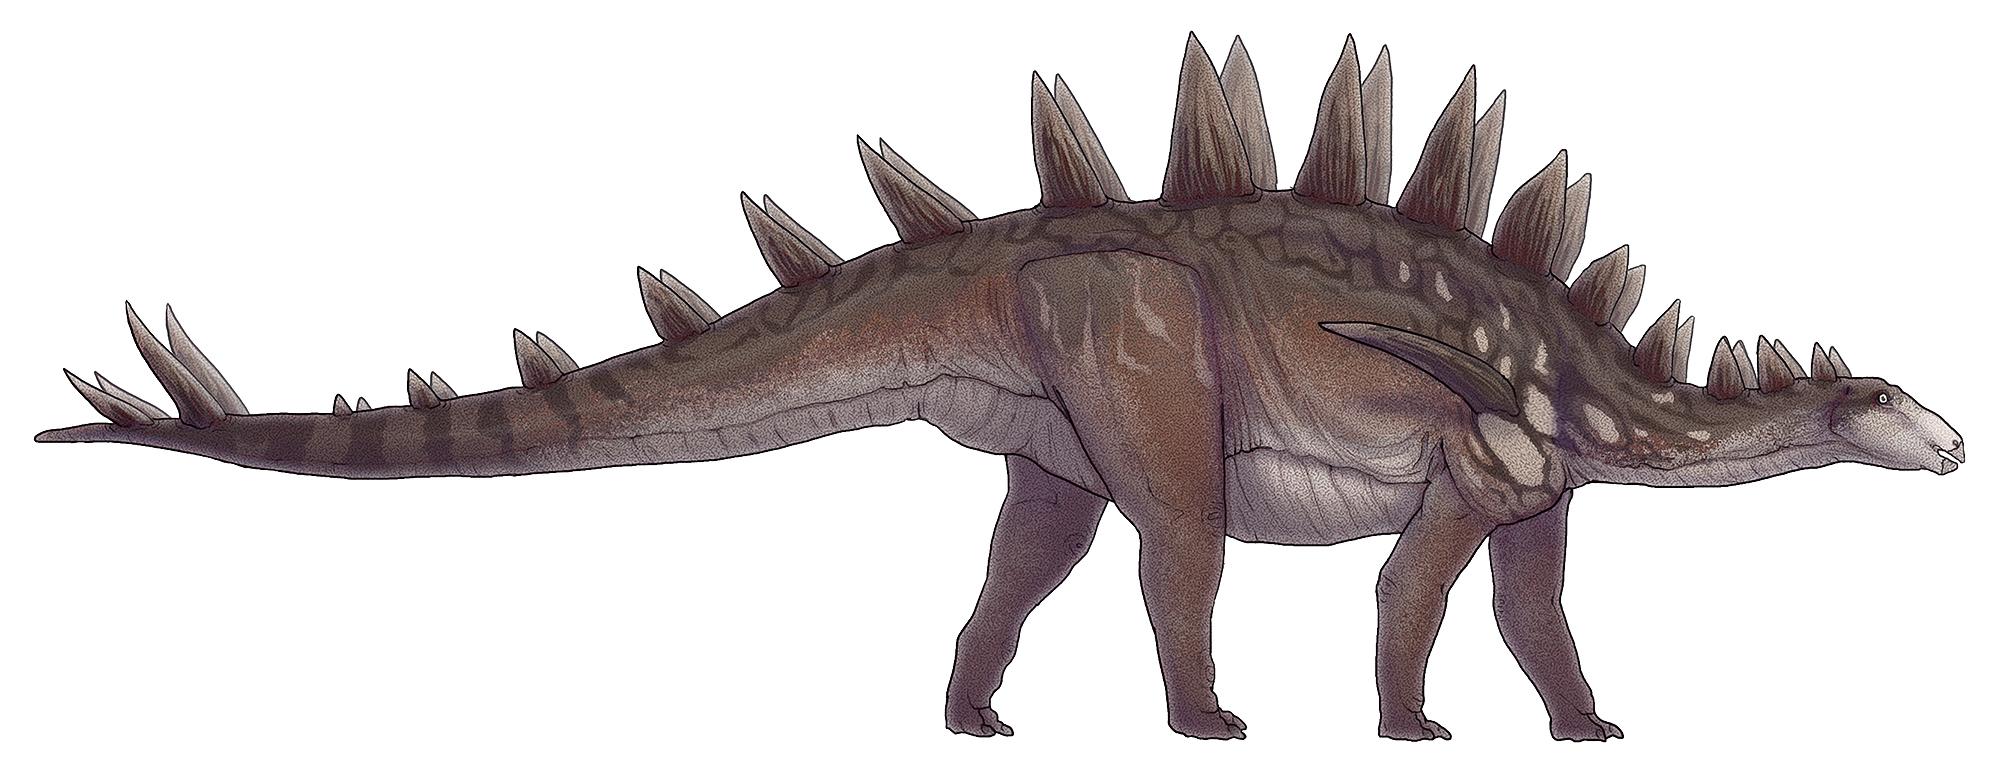 """Rekonstrukce vzezření zástupce druhu Tuojiangosaurus multispinus, jednoho z největších známých stegosaurů. Tento až 7 metrů dlouhý a téměř 3 tuny vážící """"obrněnec"""" obýval oblast dnešní Číny (provincie S'-čchuan) v době před asi 160 miliony let. Kredi"""